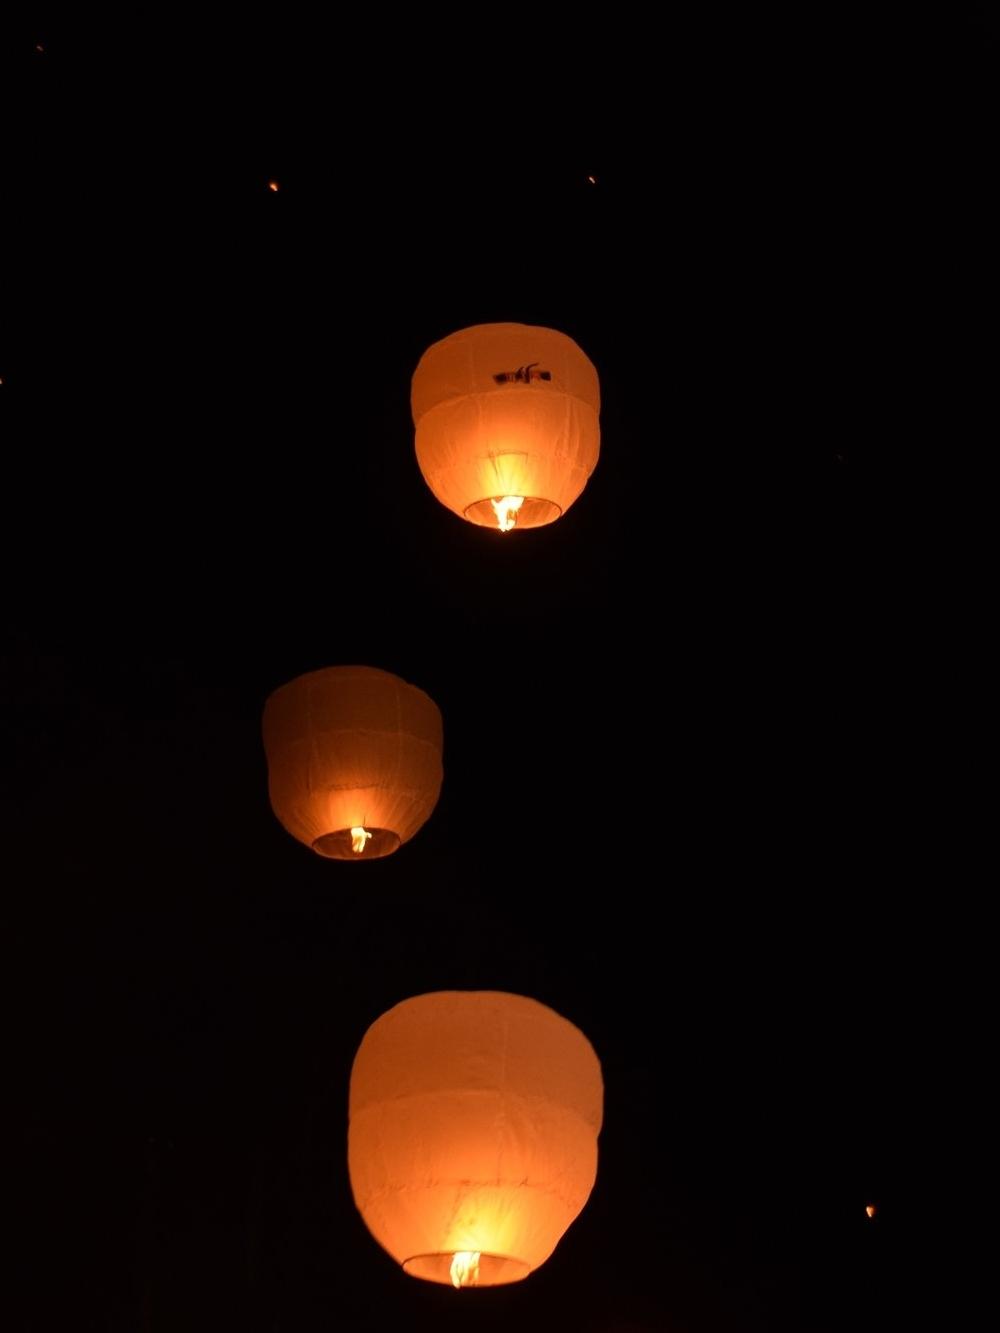 beleuchtet-beleuchtung-dunkel-415693.jpg